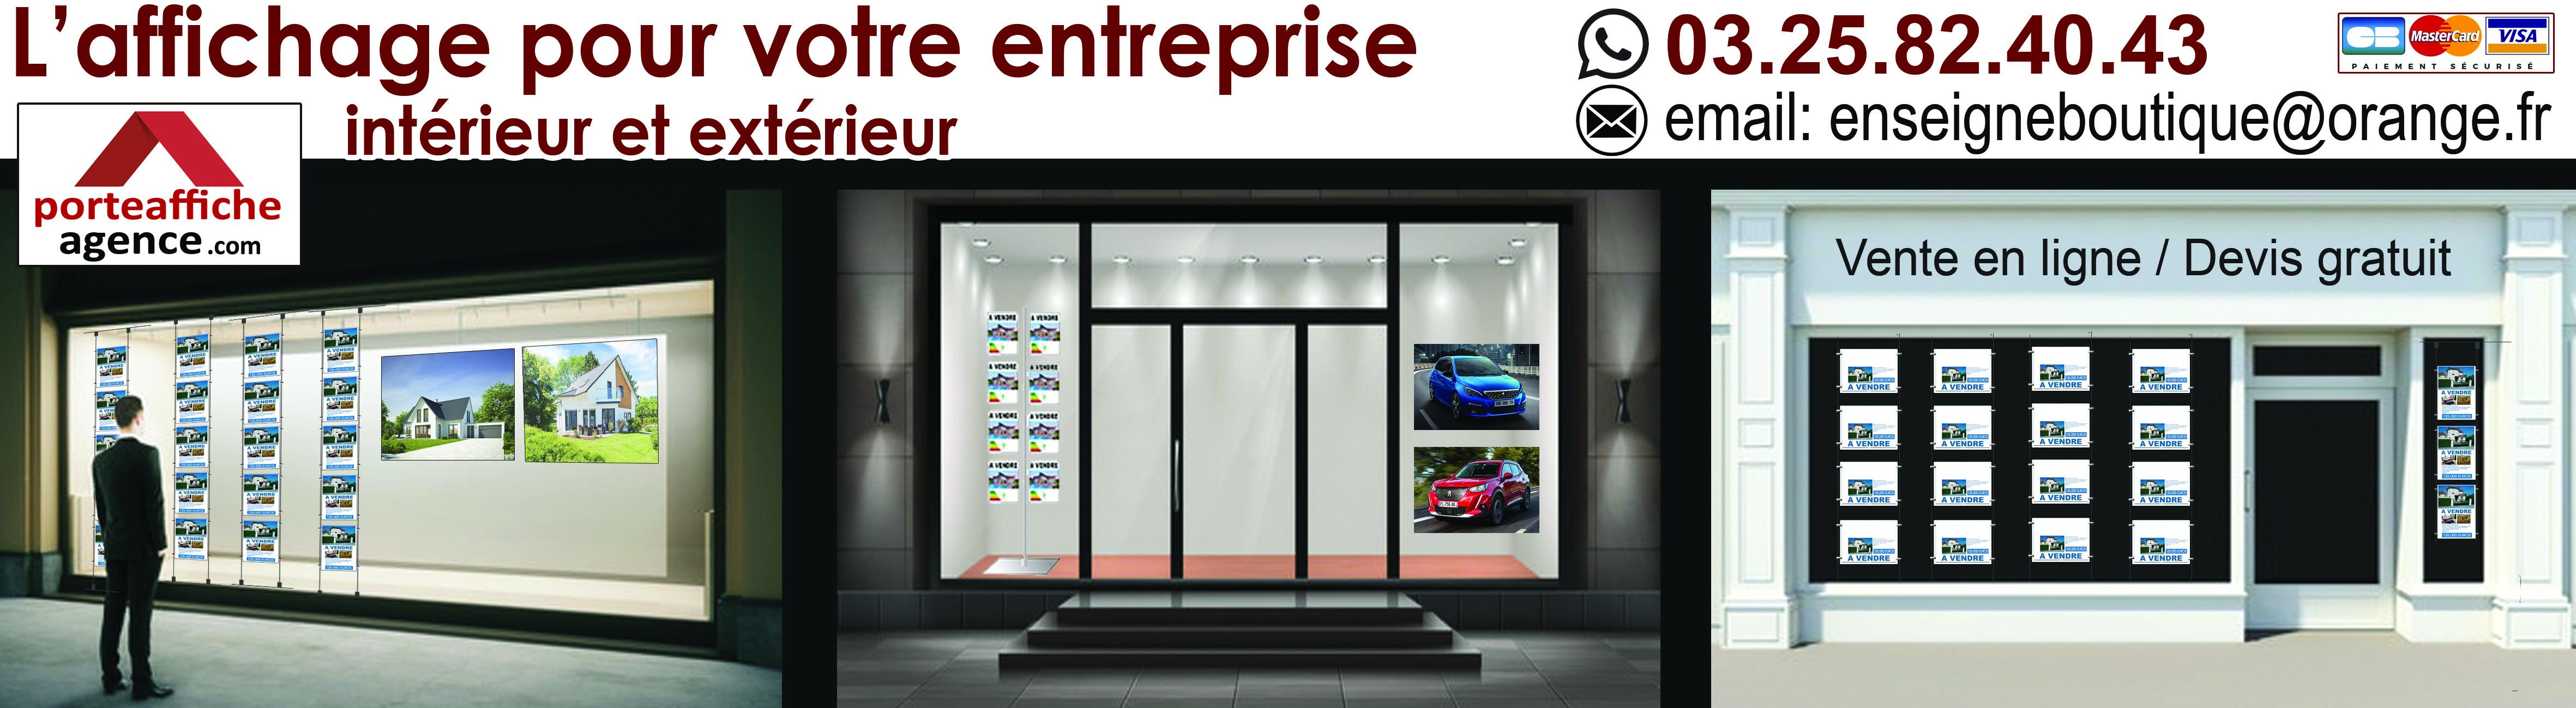 Découvrez notre site spécialisé dans l'affichage pour votre entreprise !